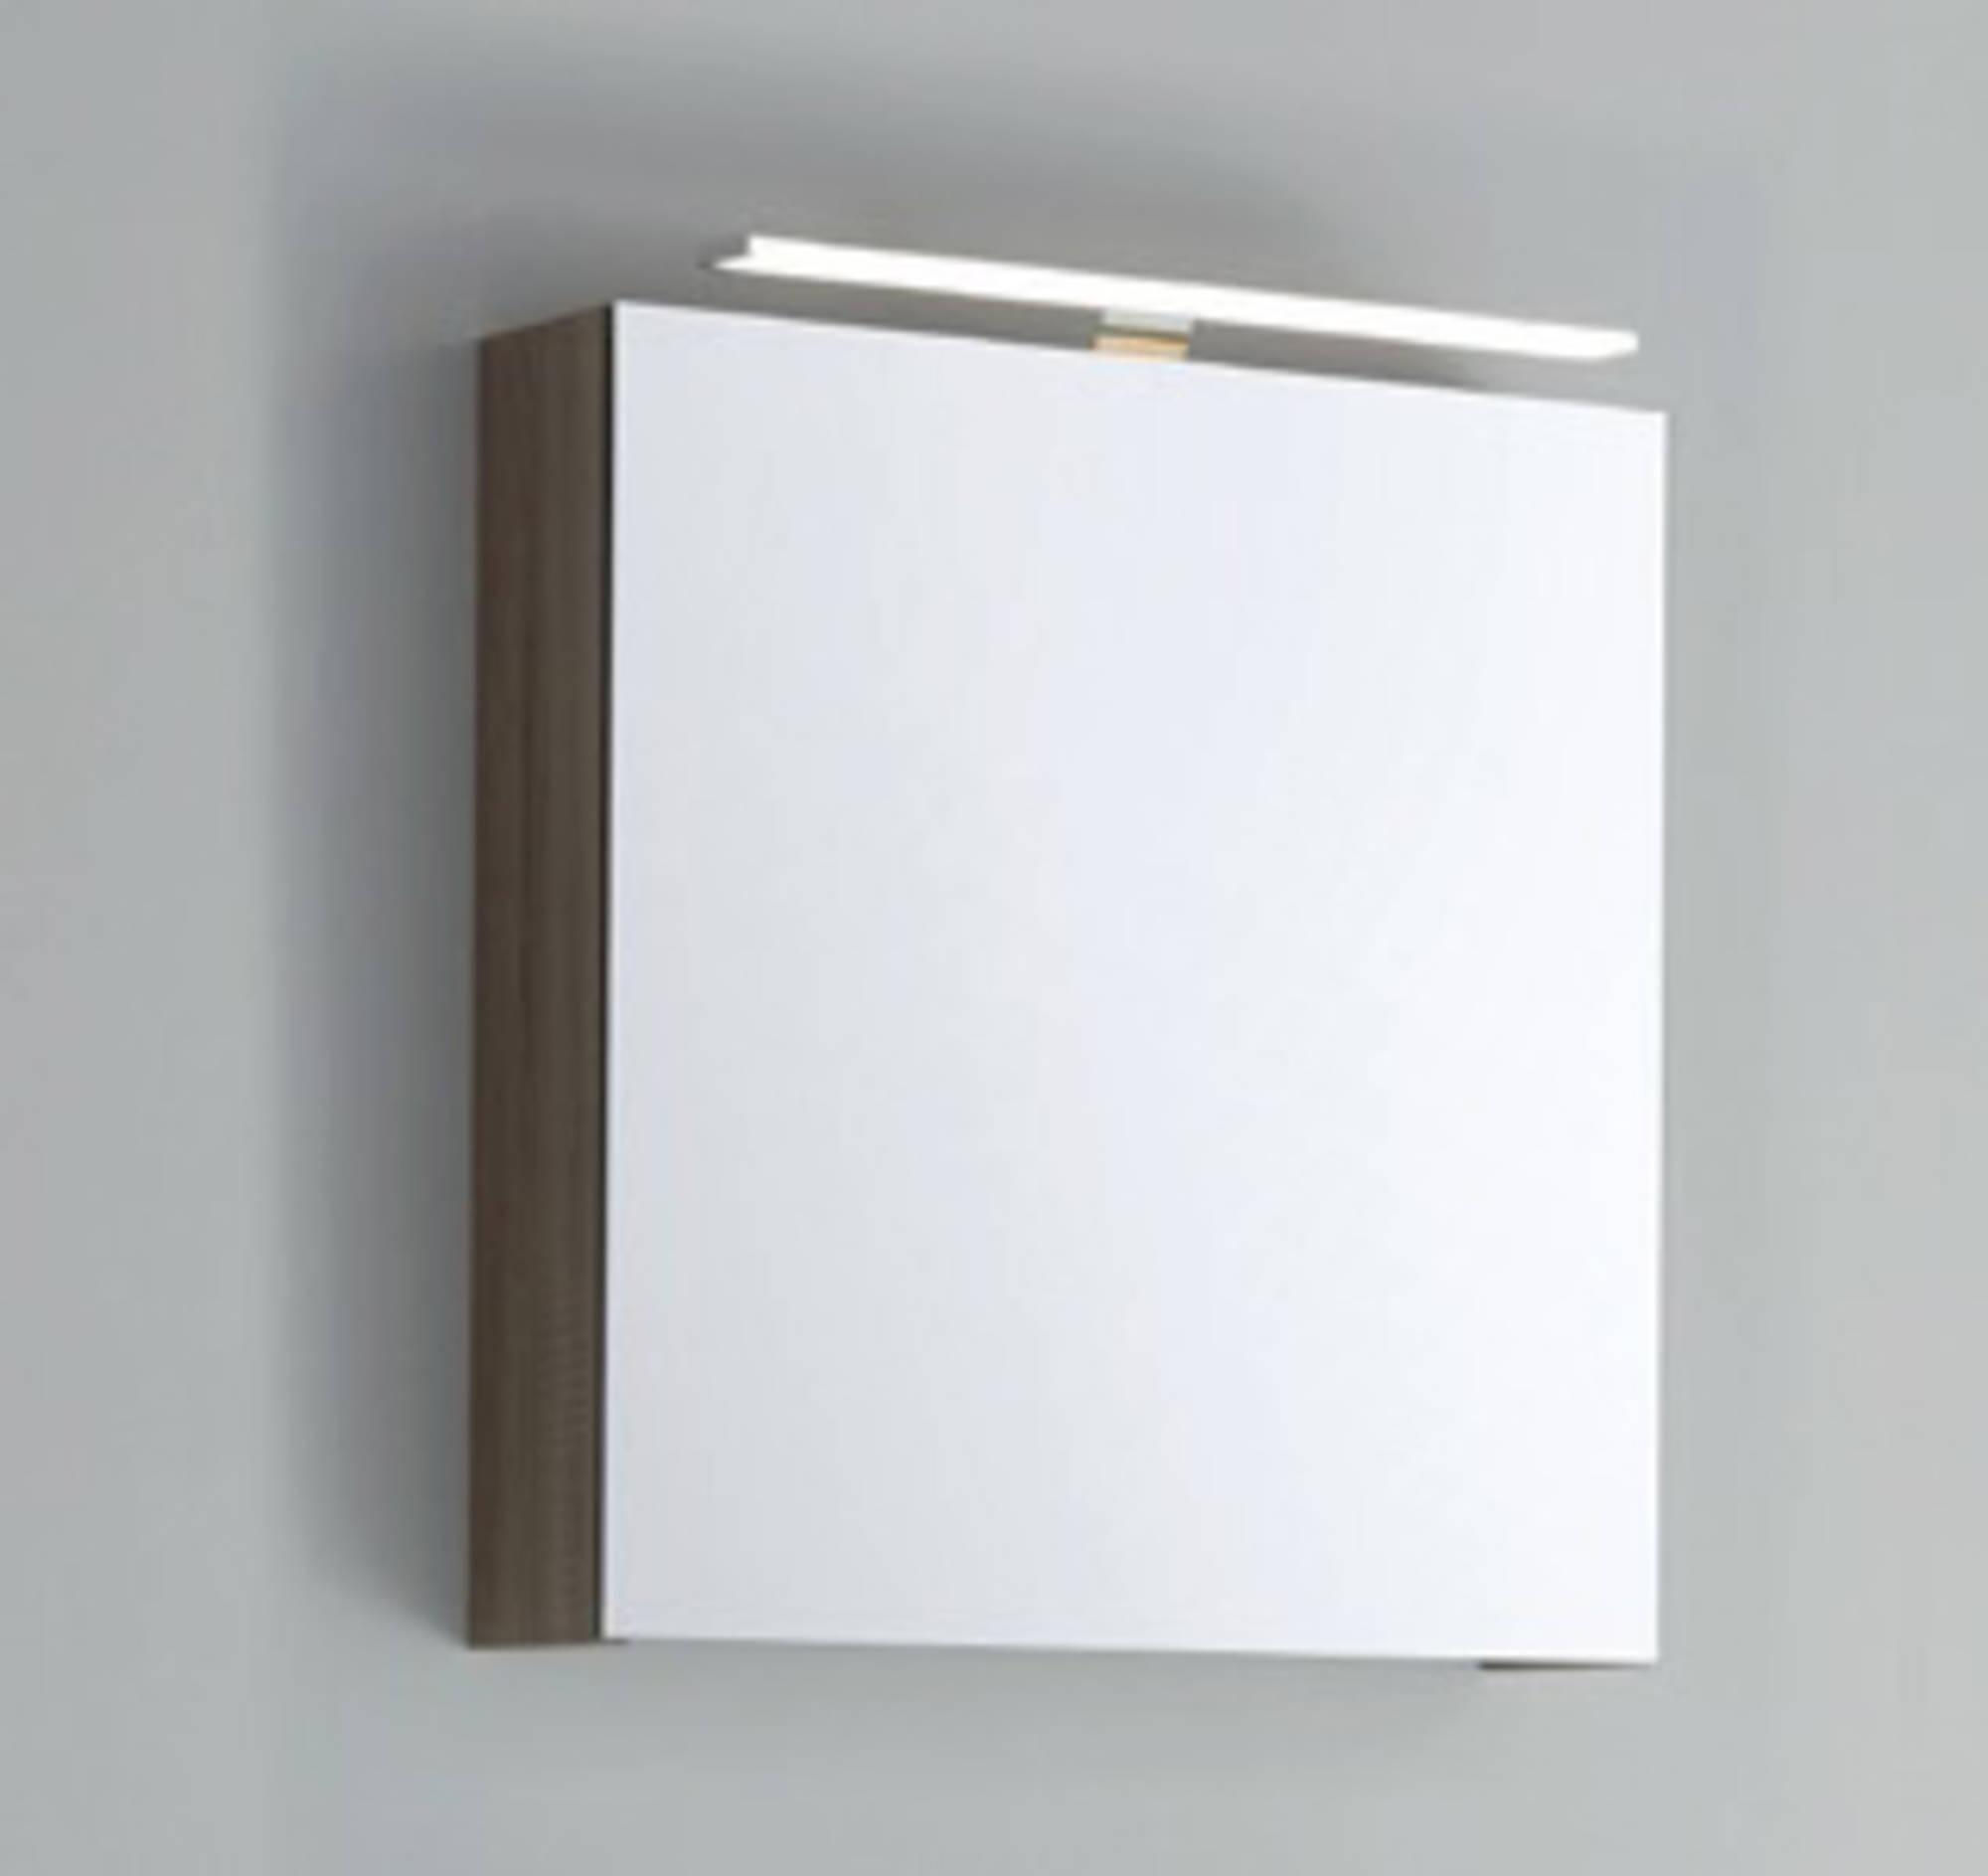 Line 45 Spiegelkast Rechtsdraaiend 60x13,5x60 cm excl. Verlichting Hoogglans Wit